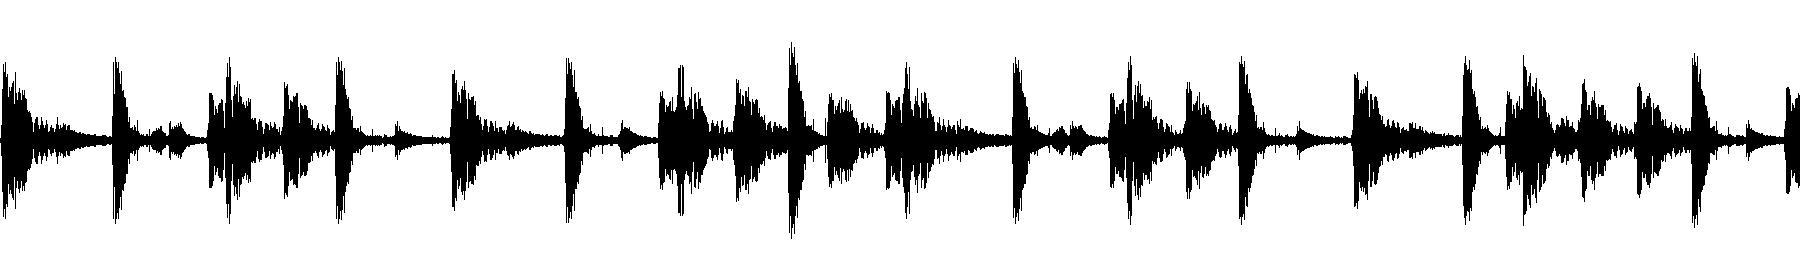 drum loop 2